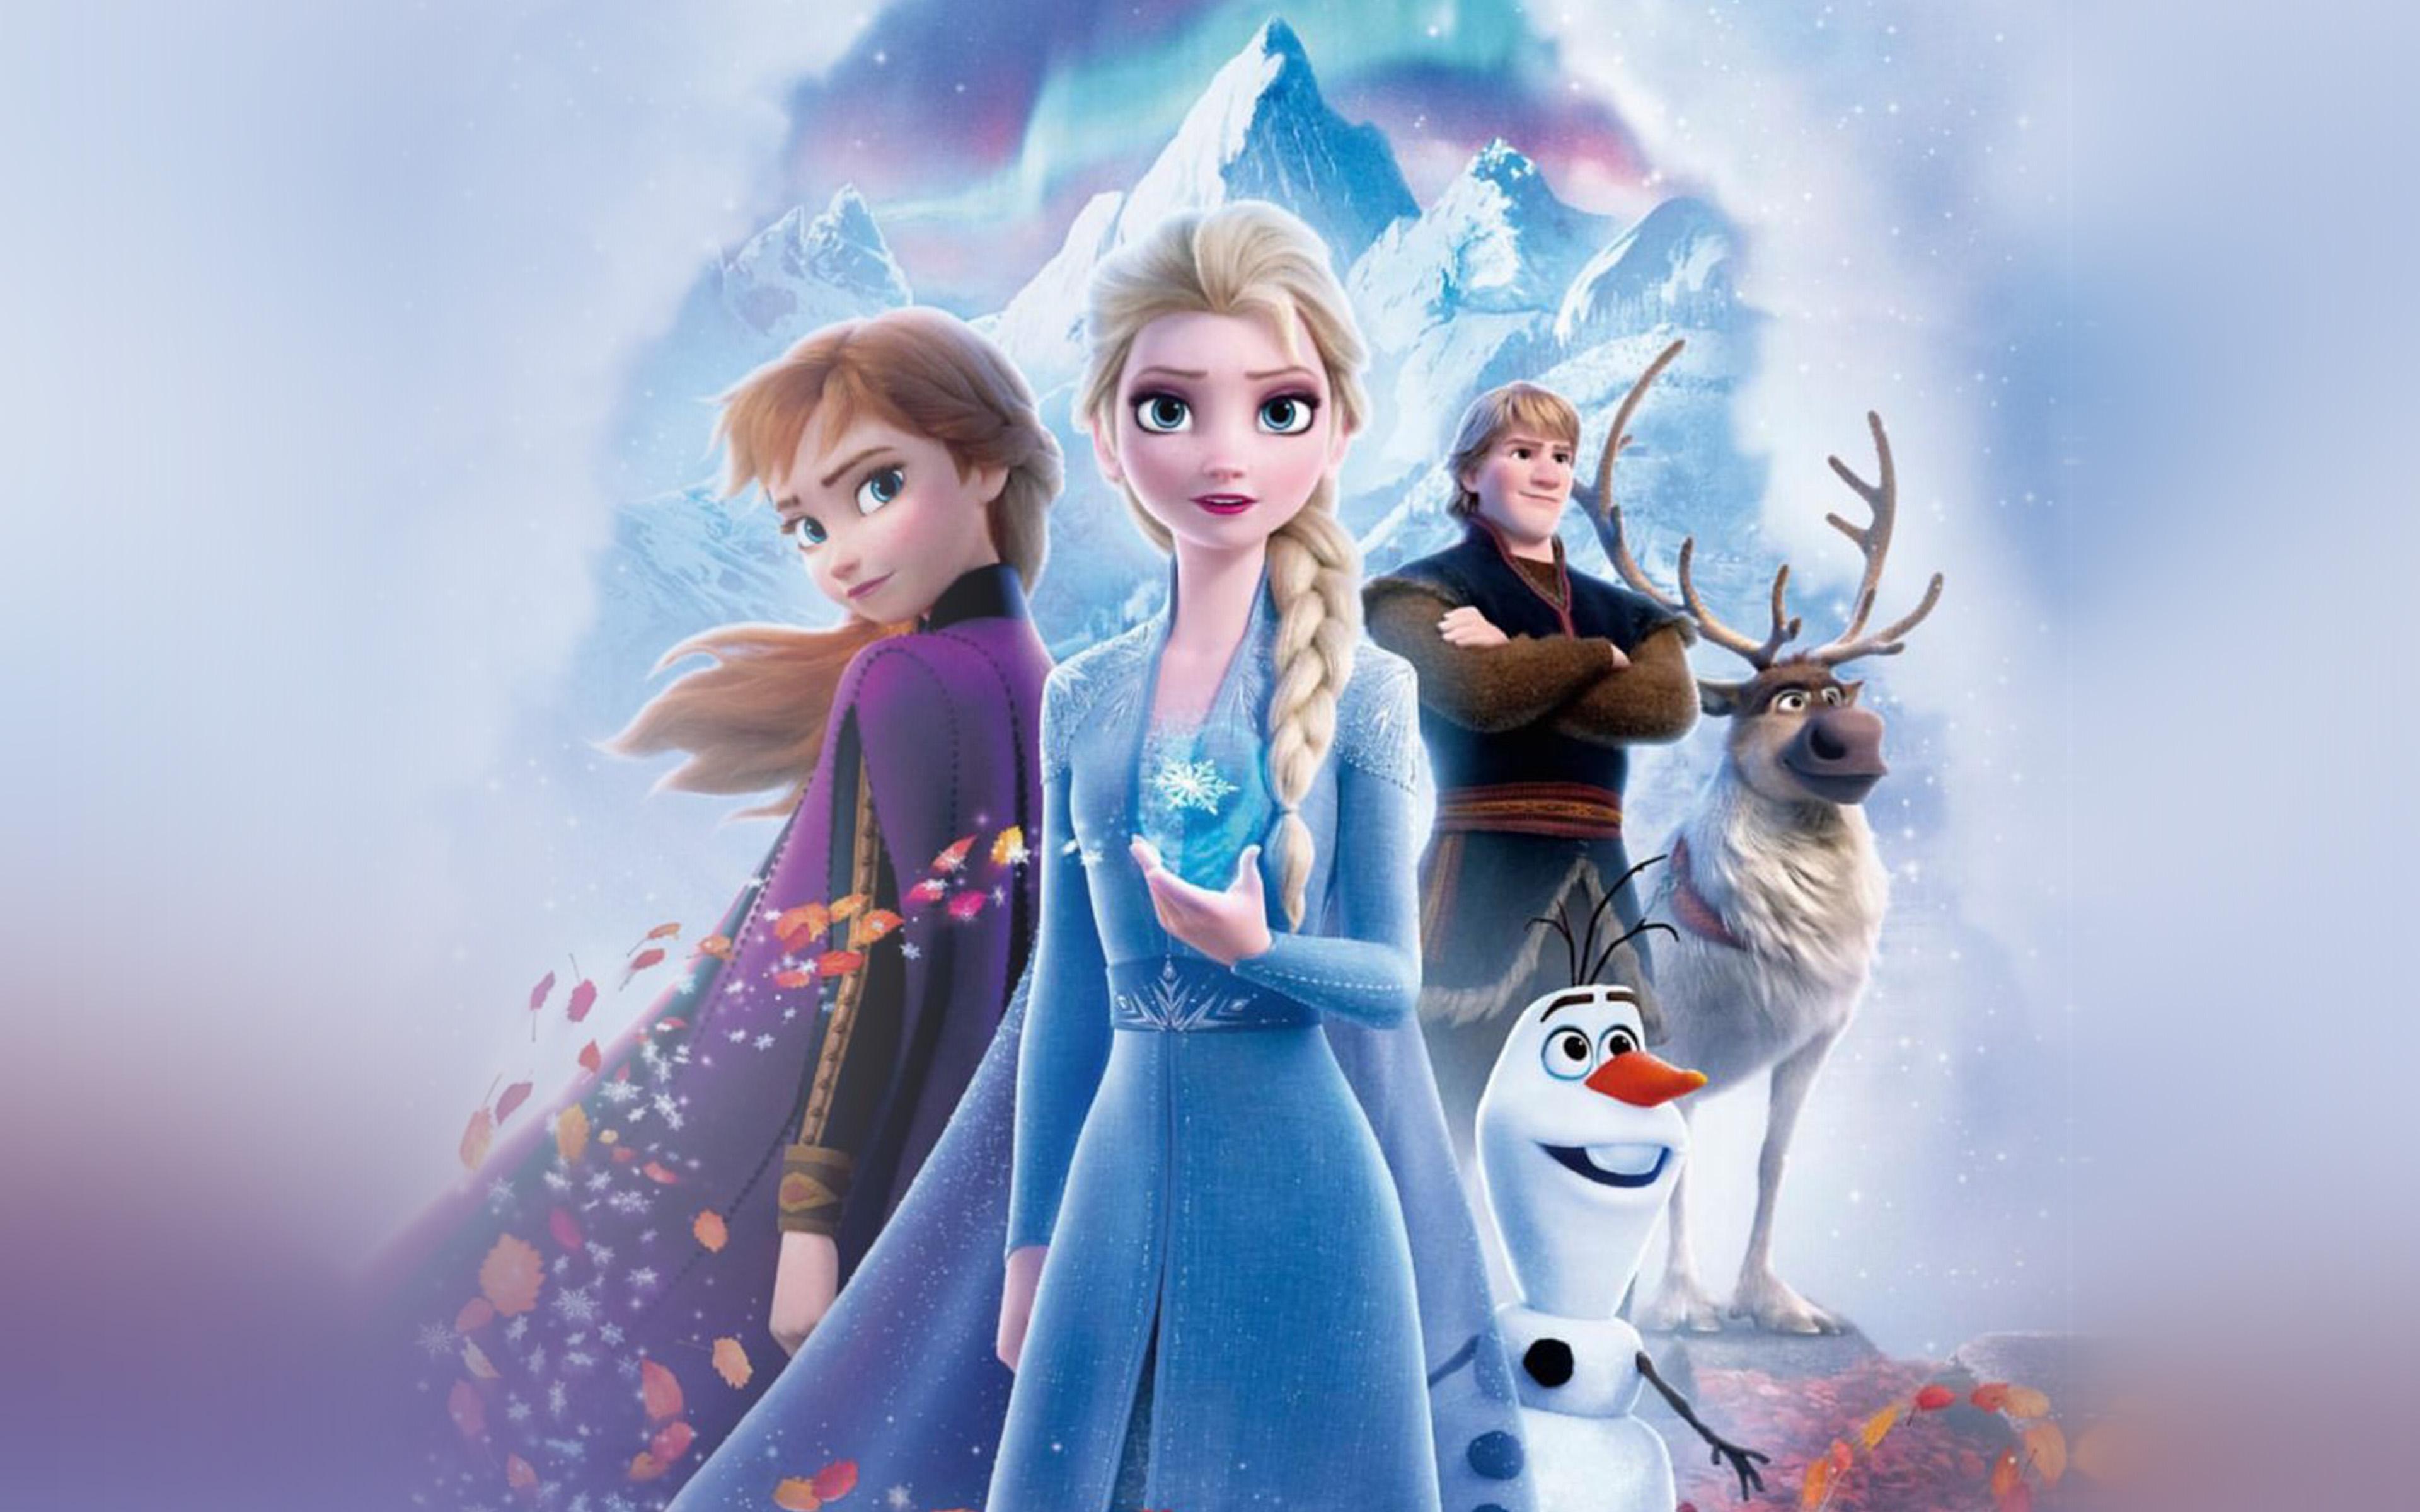 Bj54 Frozen Poster Disney Film Winter Anime Art Wallpaper